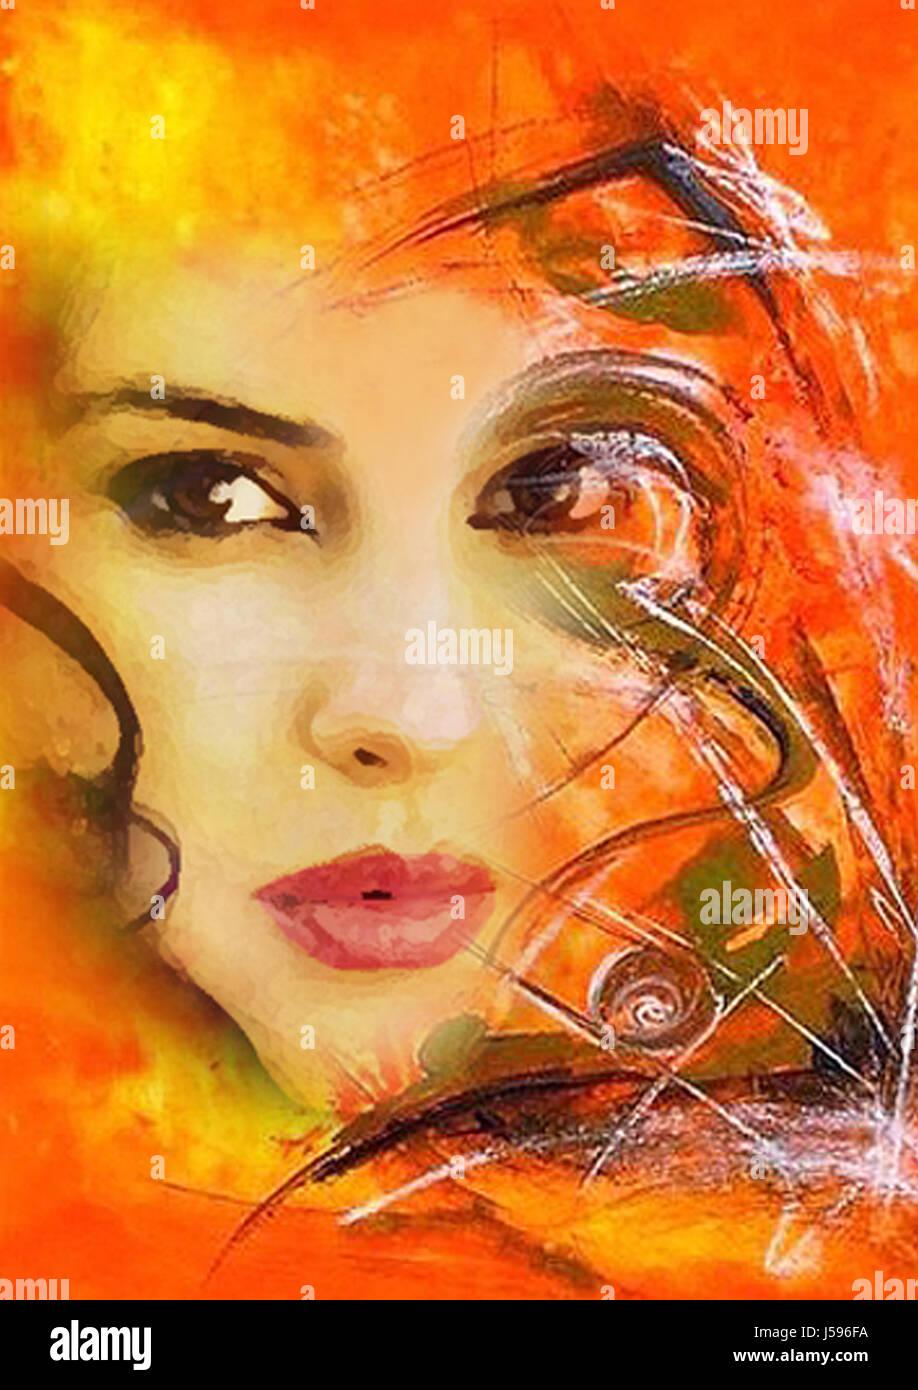 Frau Porträtmalerei Feuer Flächenbrand Flammenbild abstrakt gemalten Foto Stockfoto